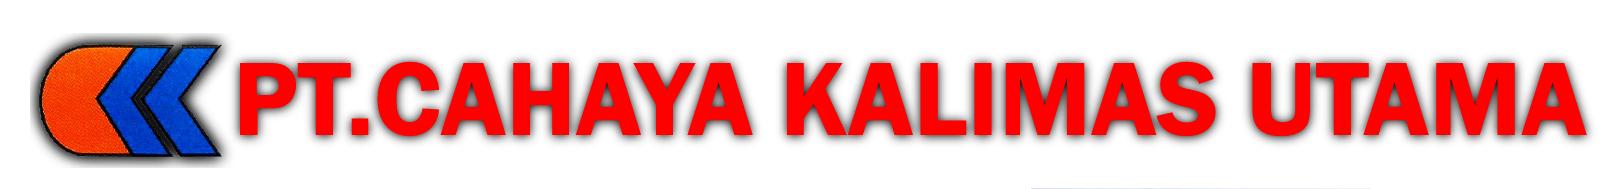 PT CAHAYA KALIMAS UTAMA